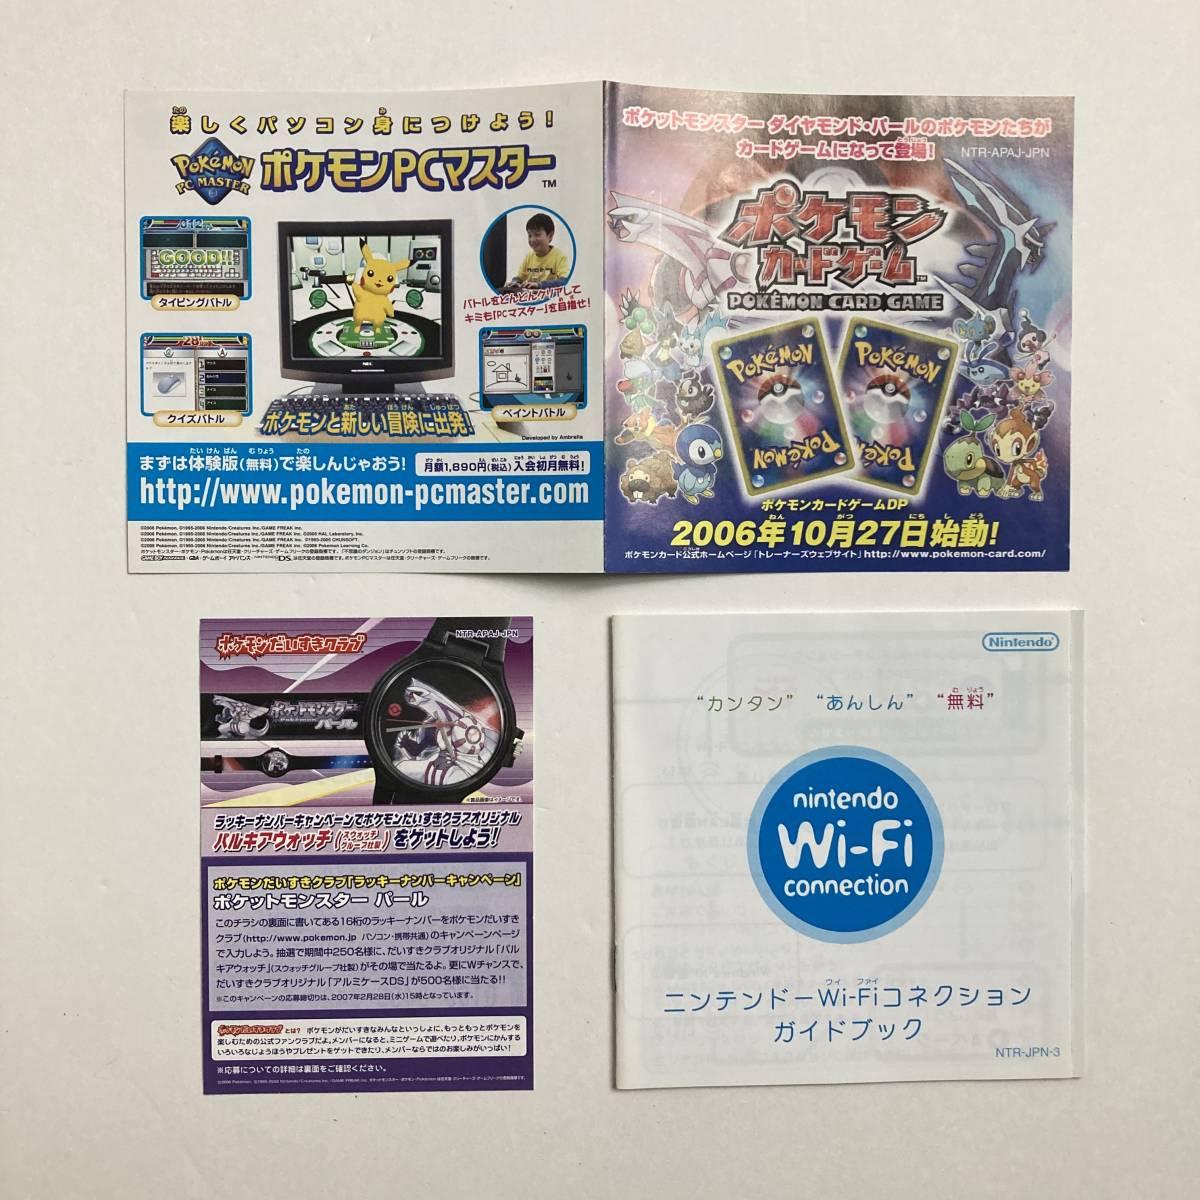 任天堂 ニンテンドーDS ポケットモンスター パール ポケモン / Pokemon Pearl Pokmon Pocket Monster Nintendo DS NDS RPG Game Japan JP